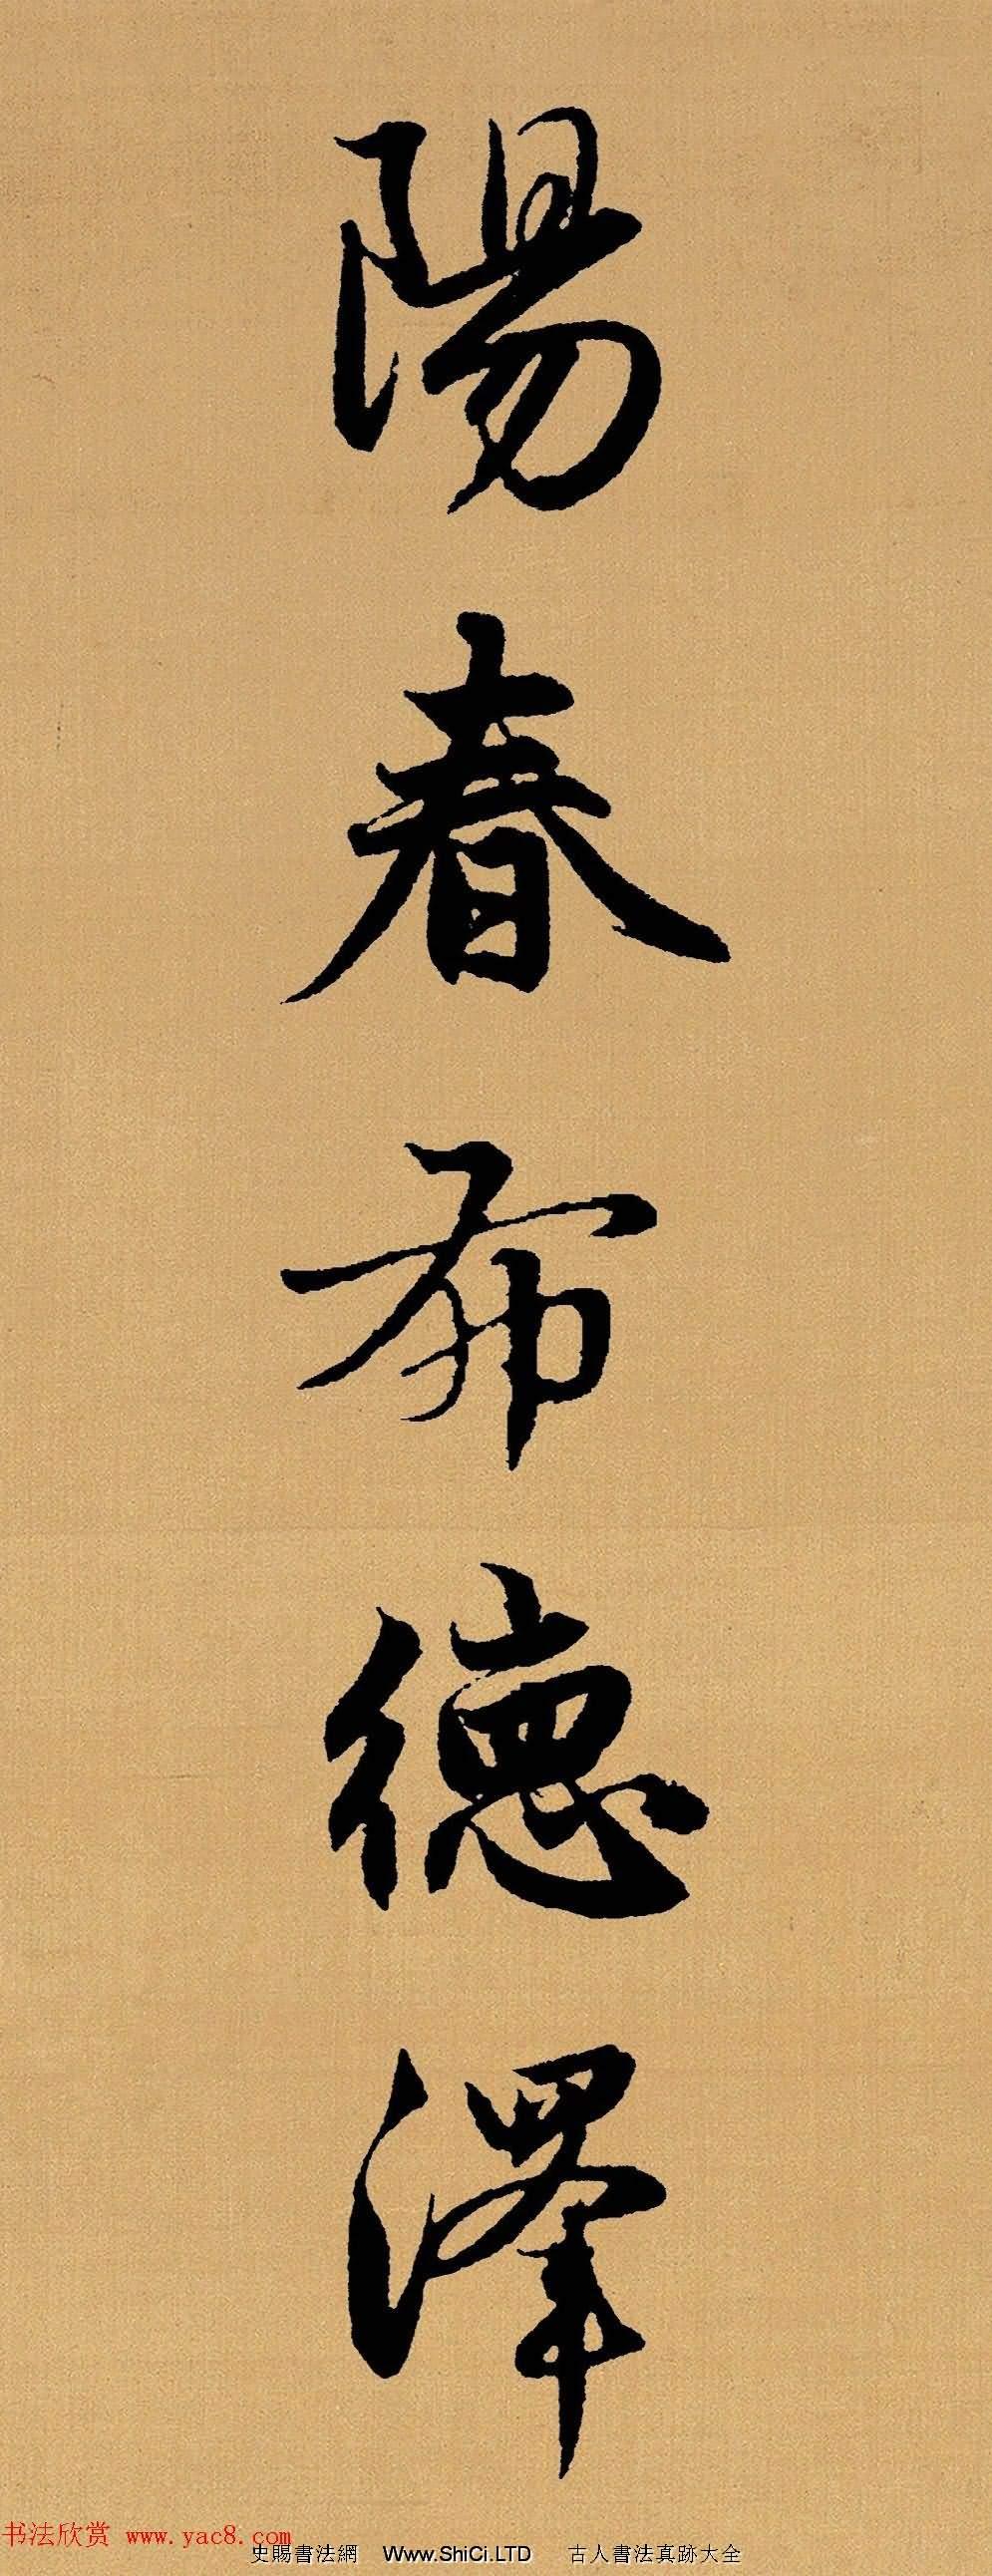 趙孟俯行書集字《長歌行》